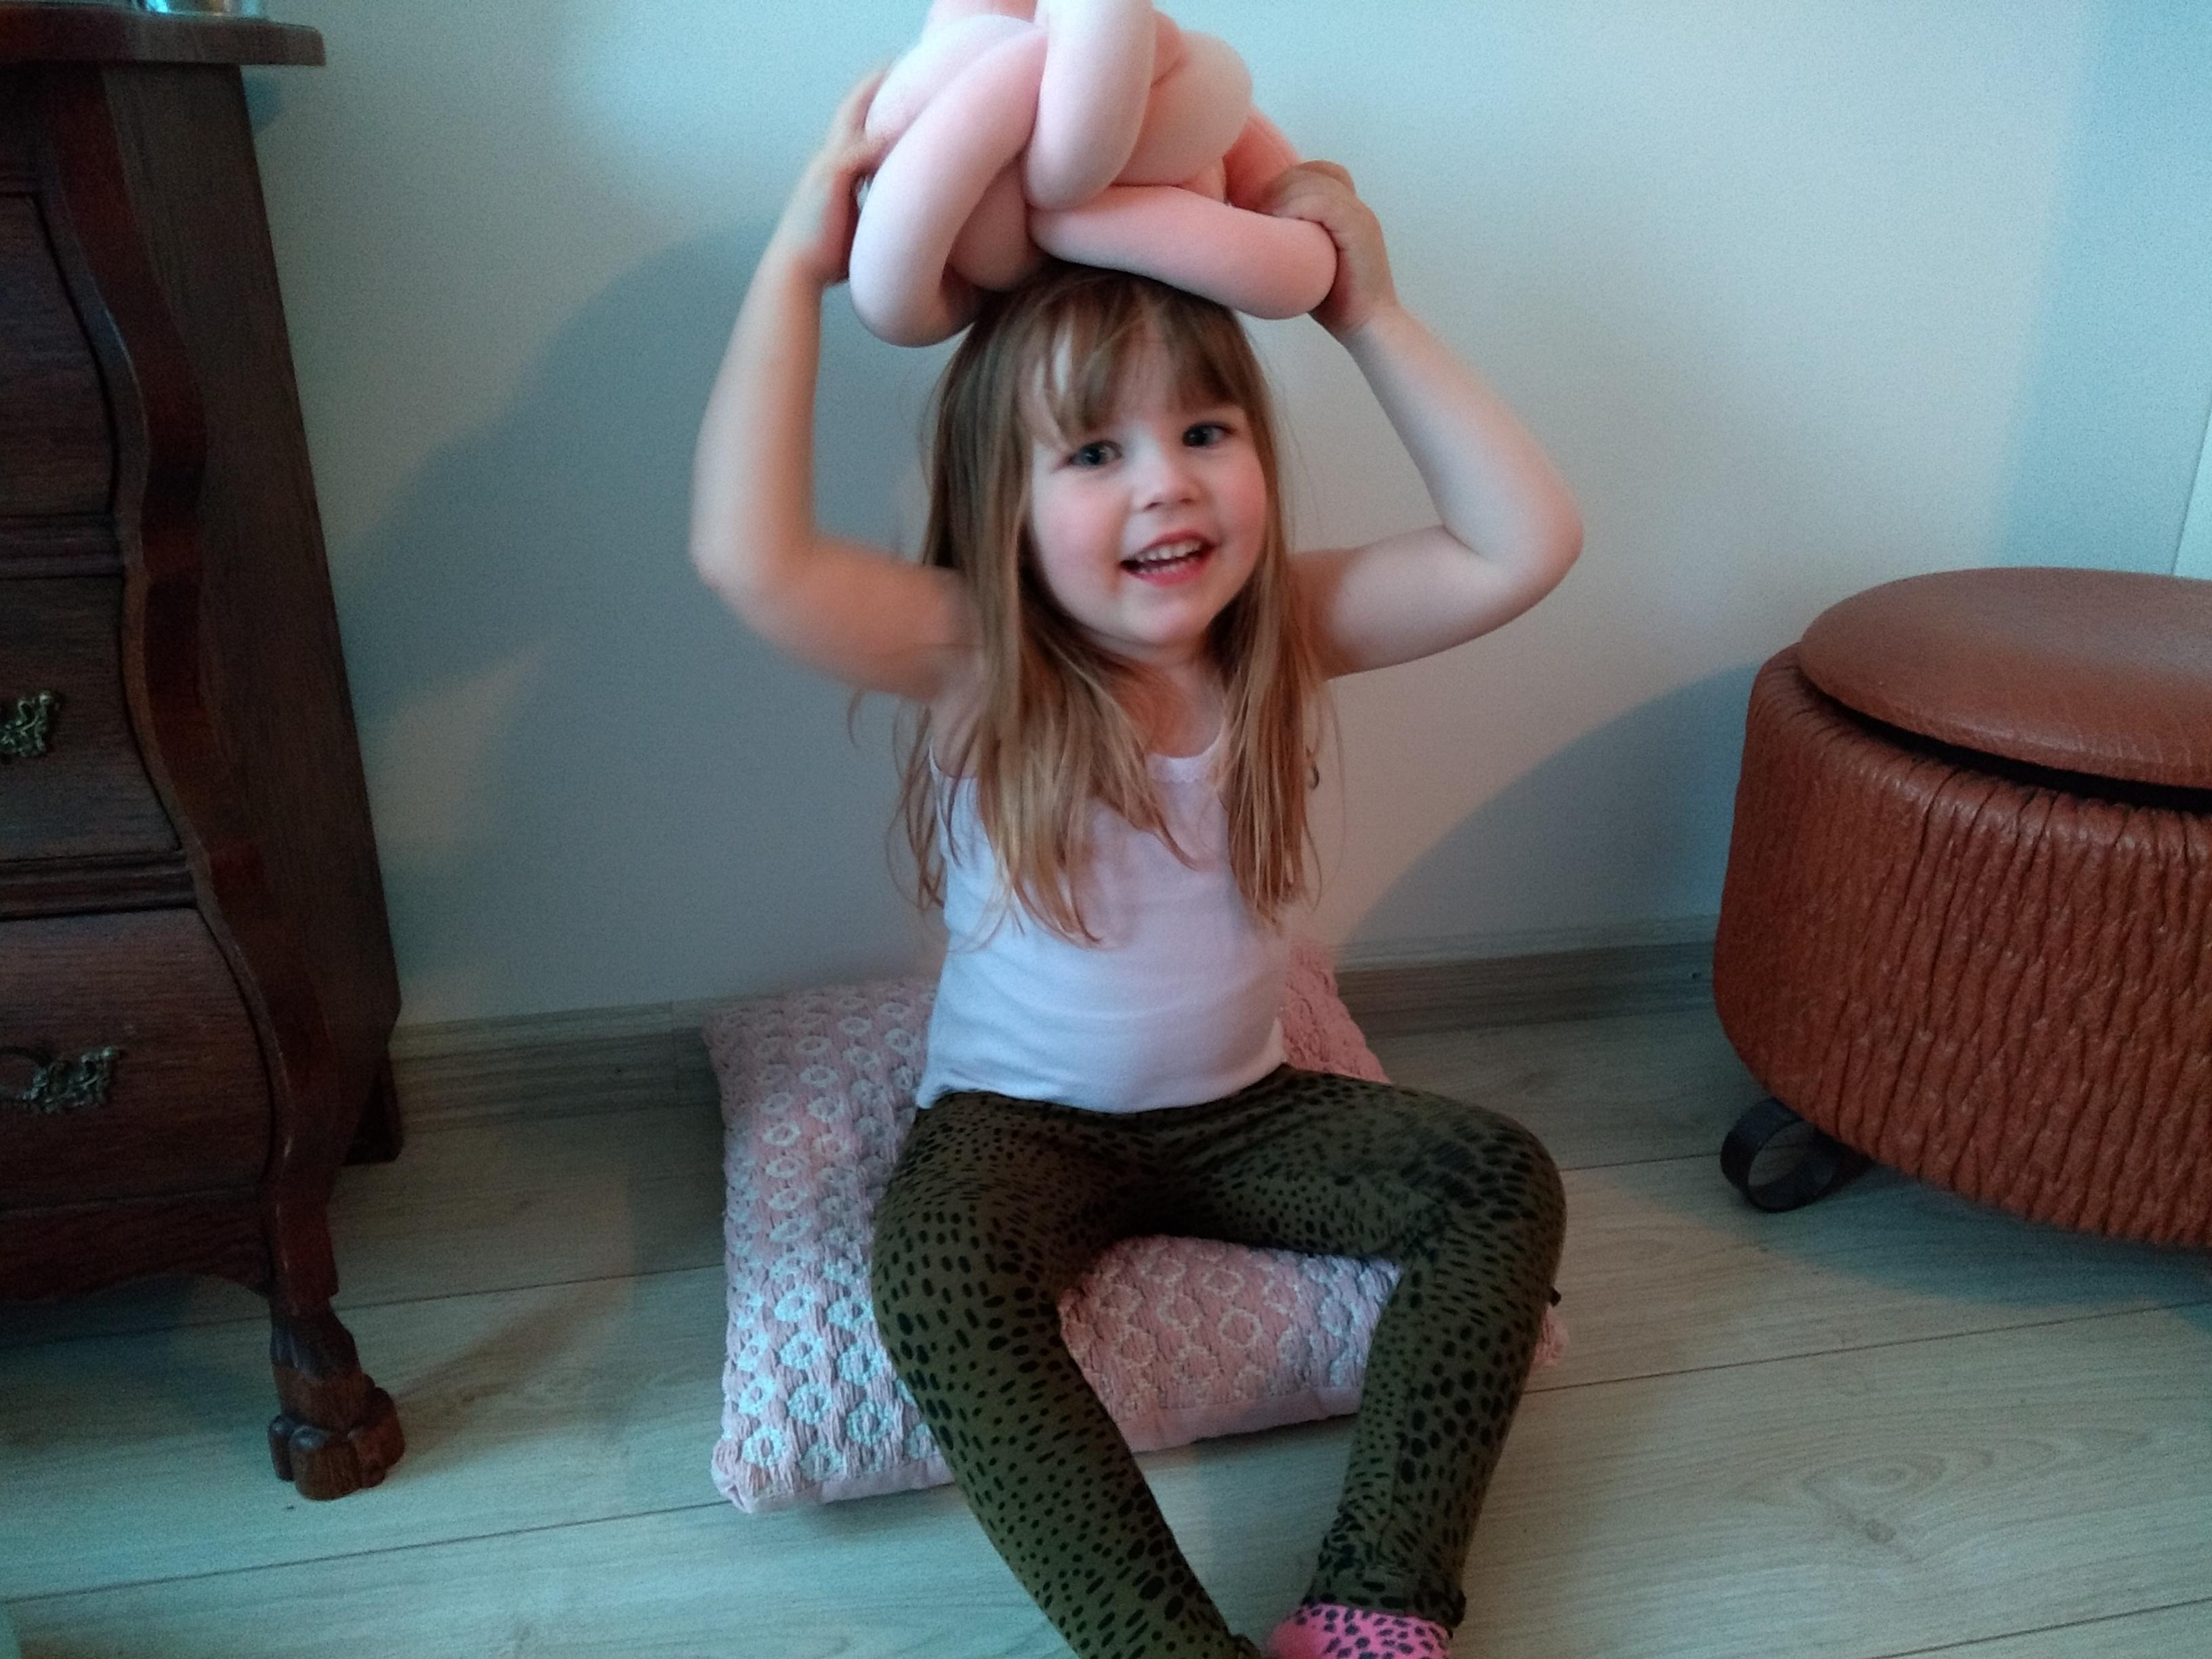 middelste kind, drie kinderen, gezin met drie kinderen, zus, zusje, onddeugend, schattig, lief, mamablog, blog, mamalifestyle, lalog.nl, lalogblog, lalog